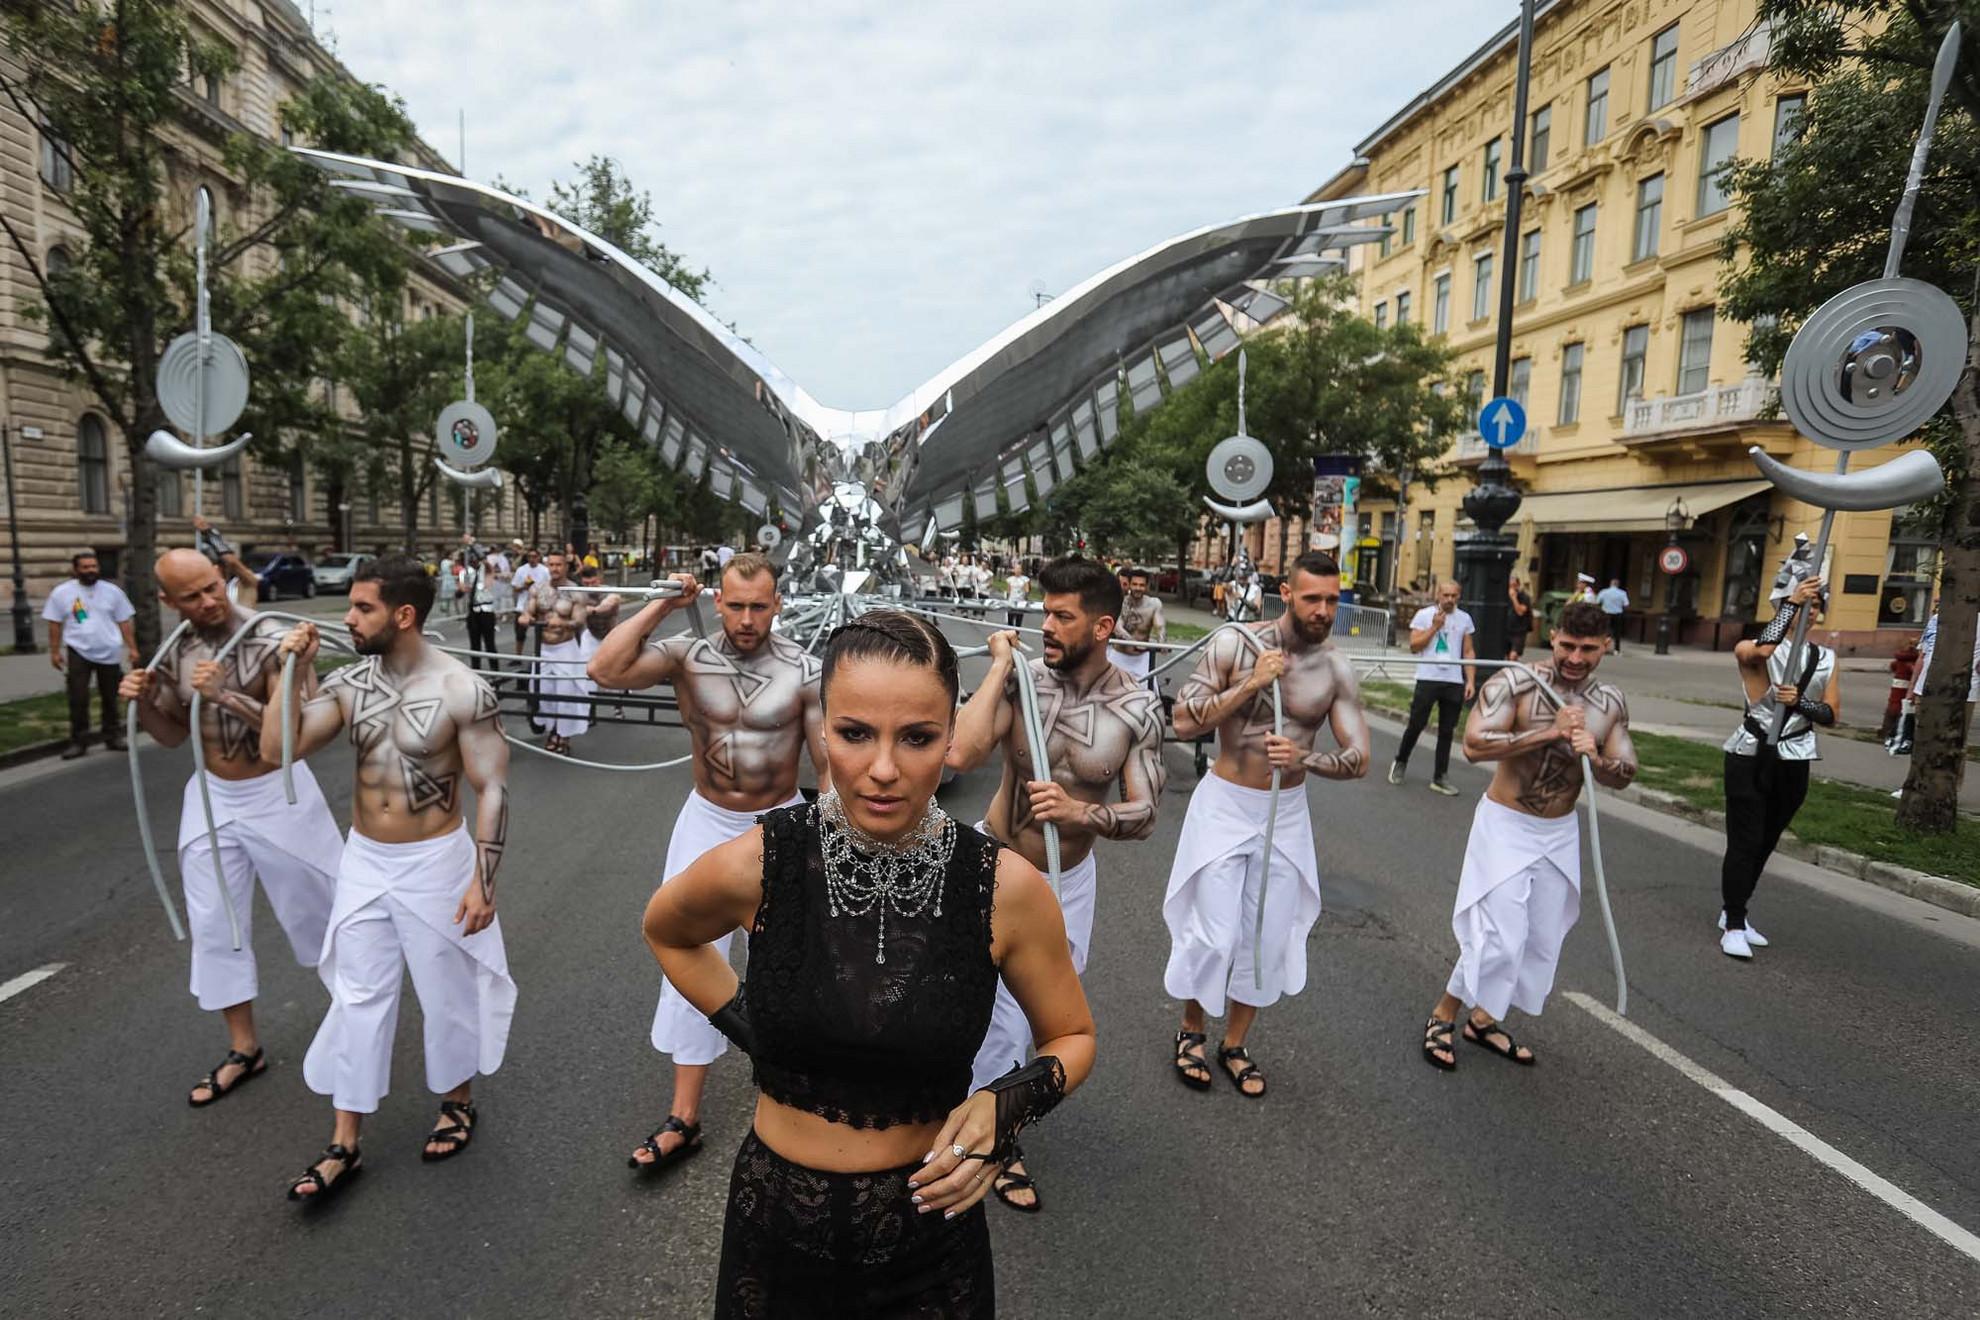 Péter Szabó Szilvia fellépése az Andrássy úton tartott felvonulásonaz államalapítás ünnepén, 2021. augusztus 20-án